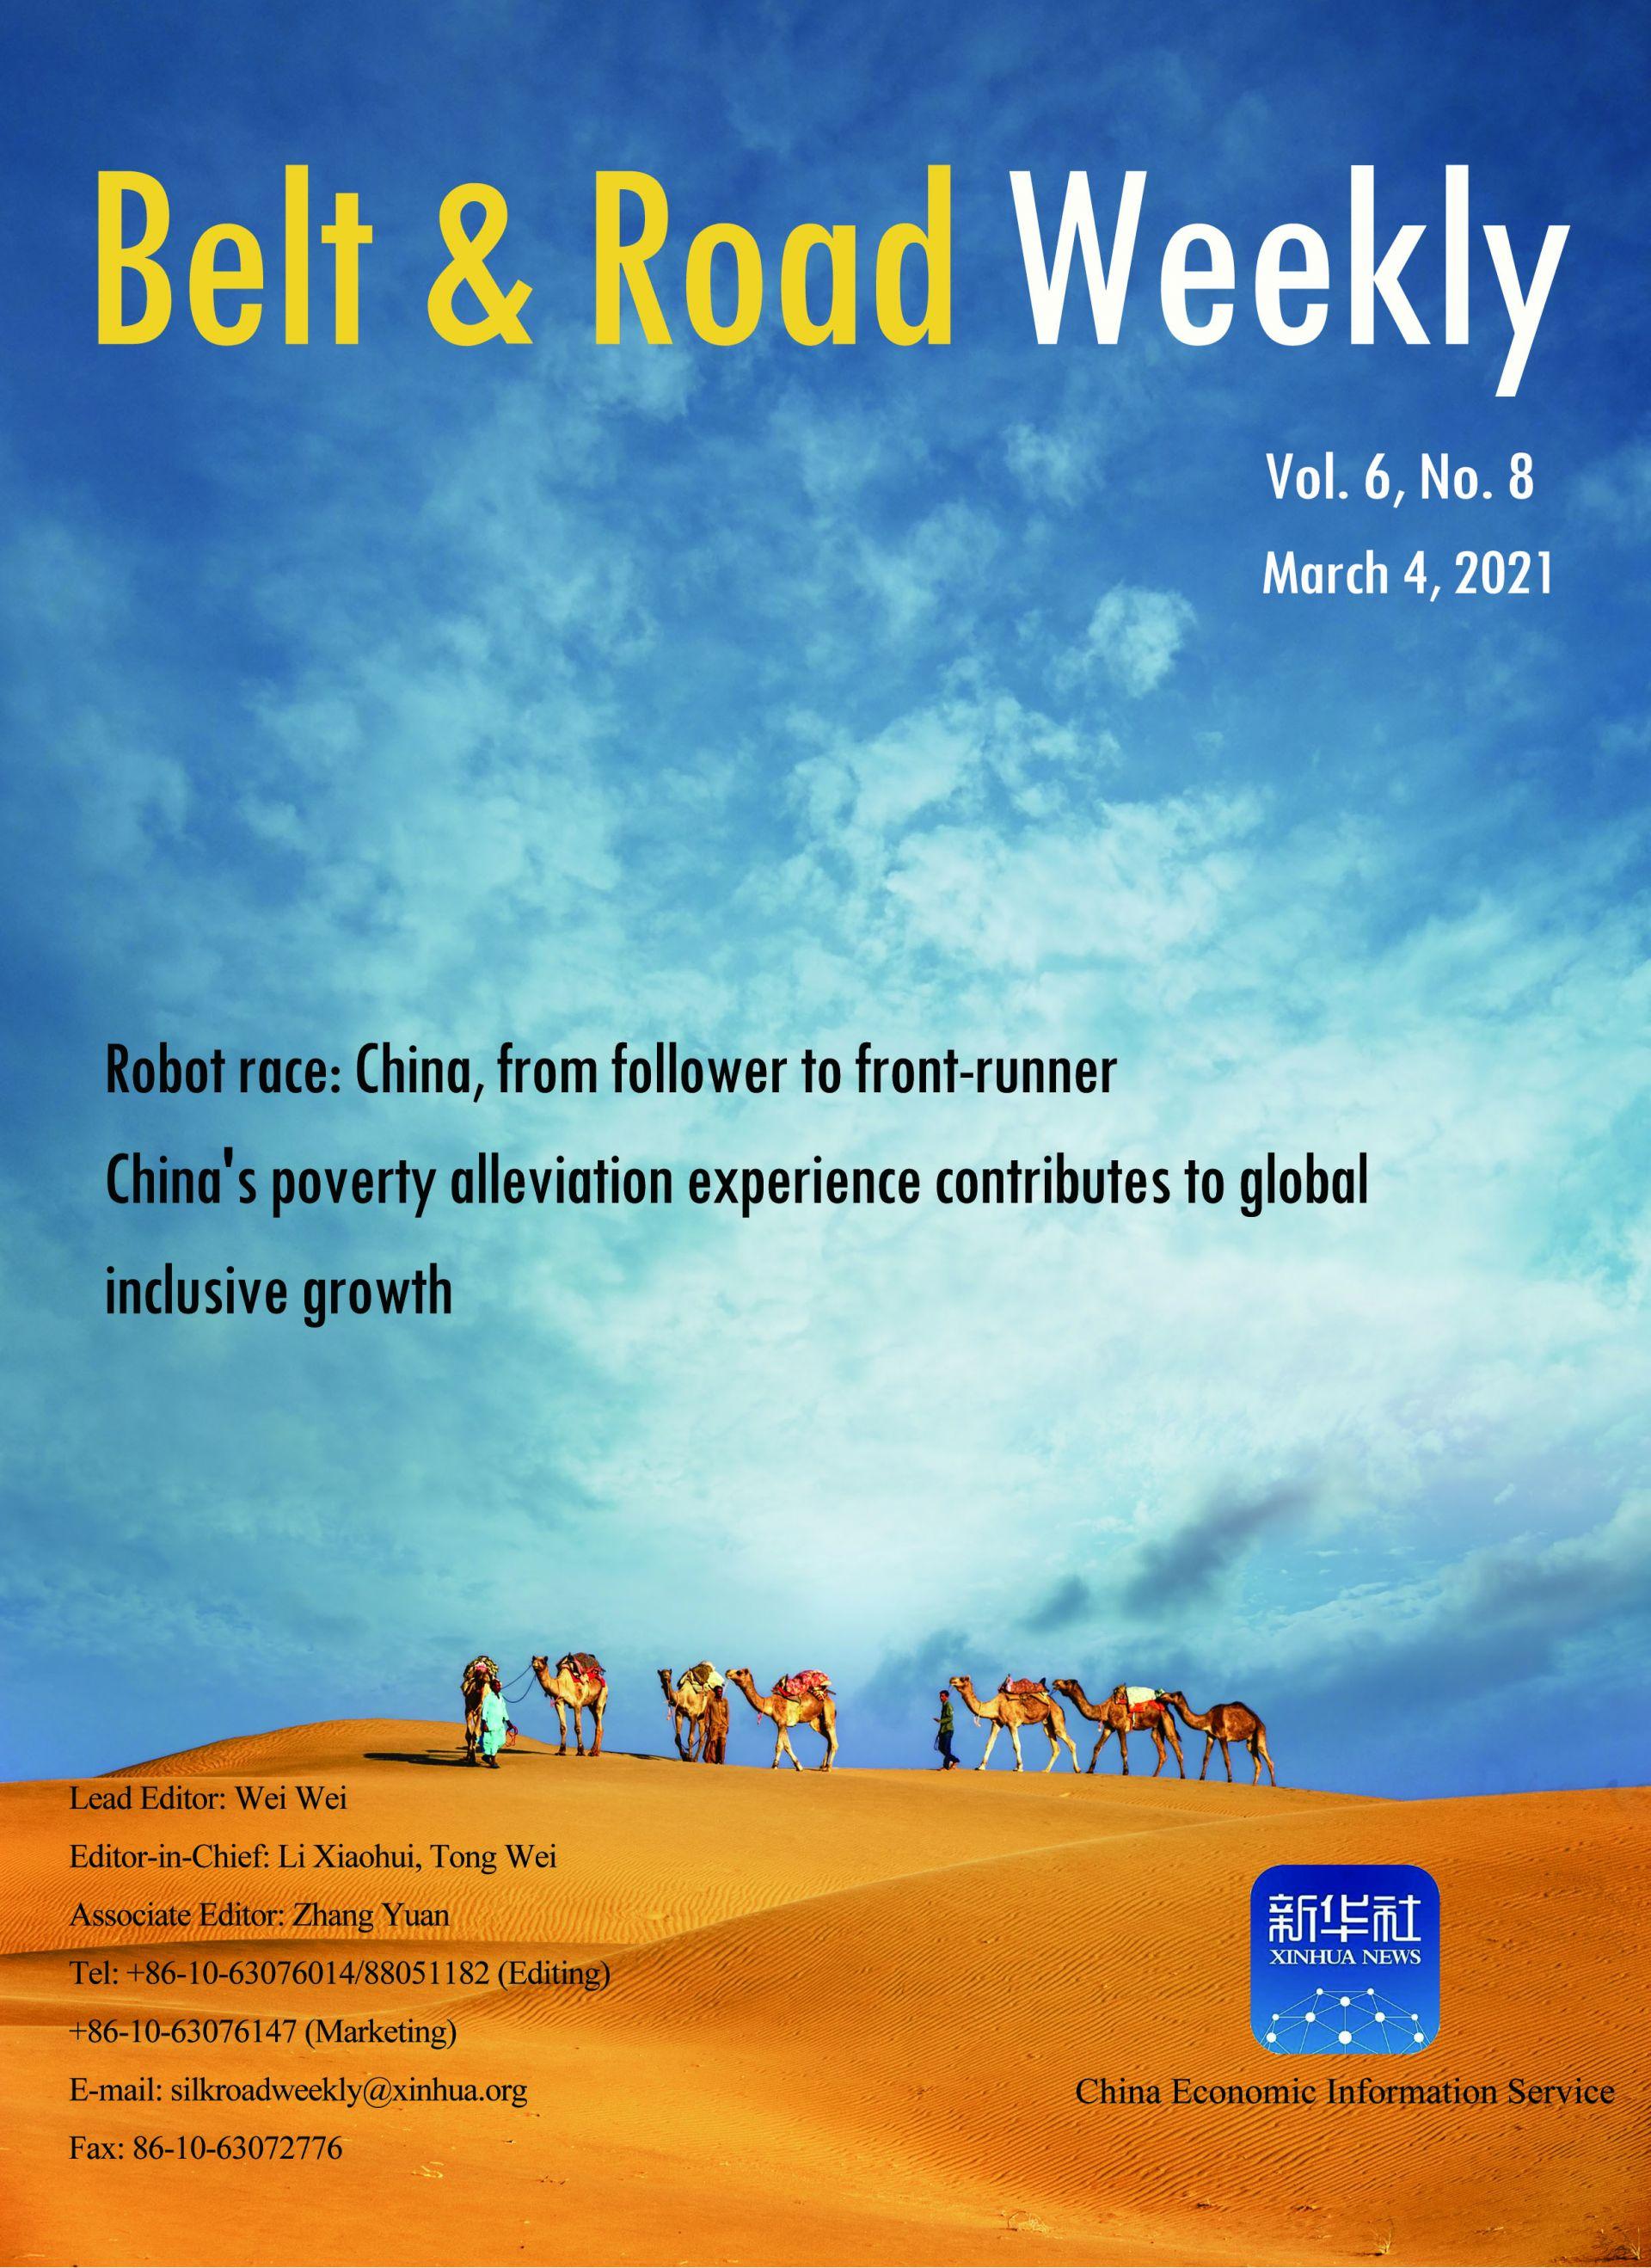 Belt & Road Weekly Vol.6 No.8